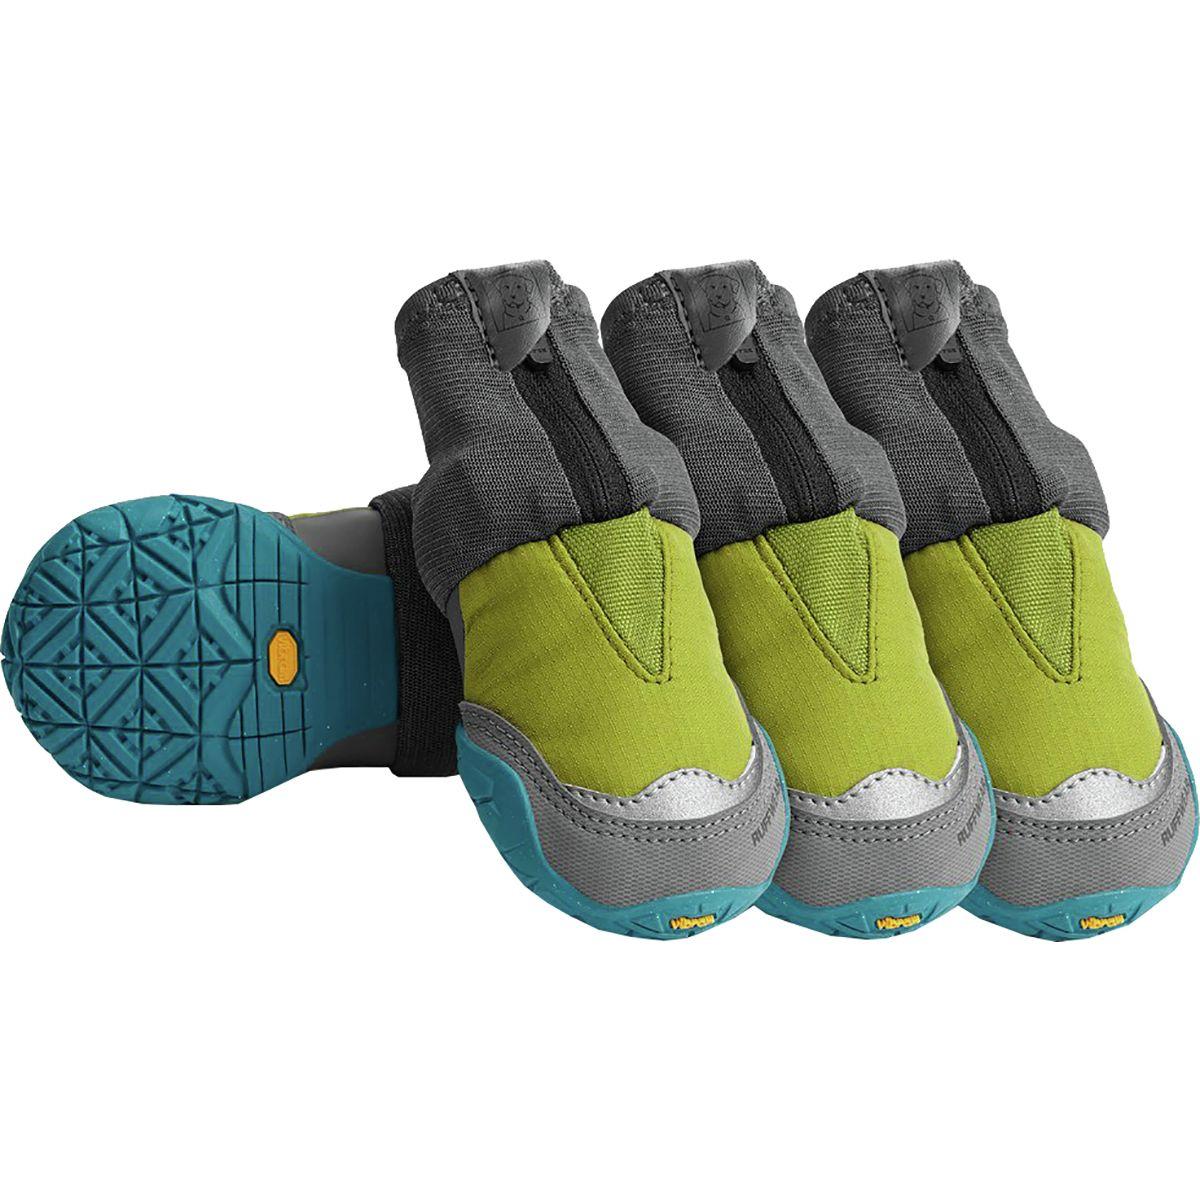 Ruffwear Polar Trex